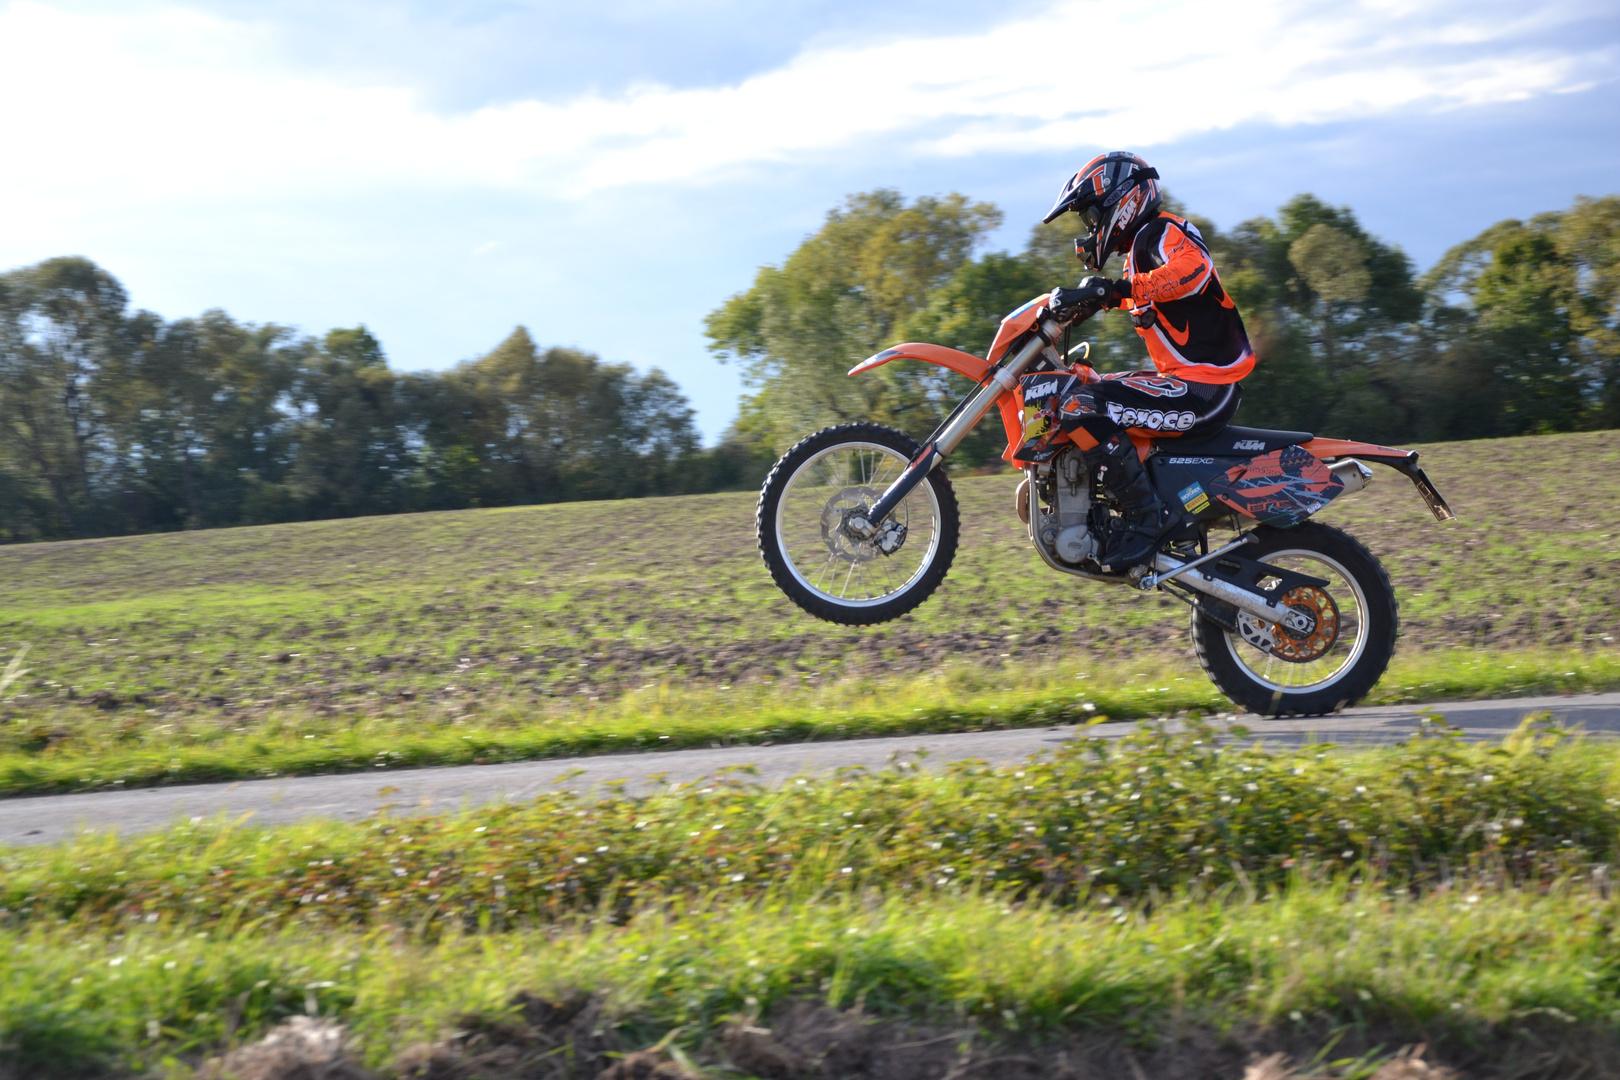 Ready to Race >>> KTM!